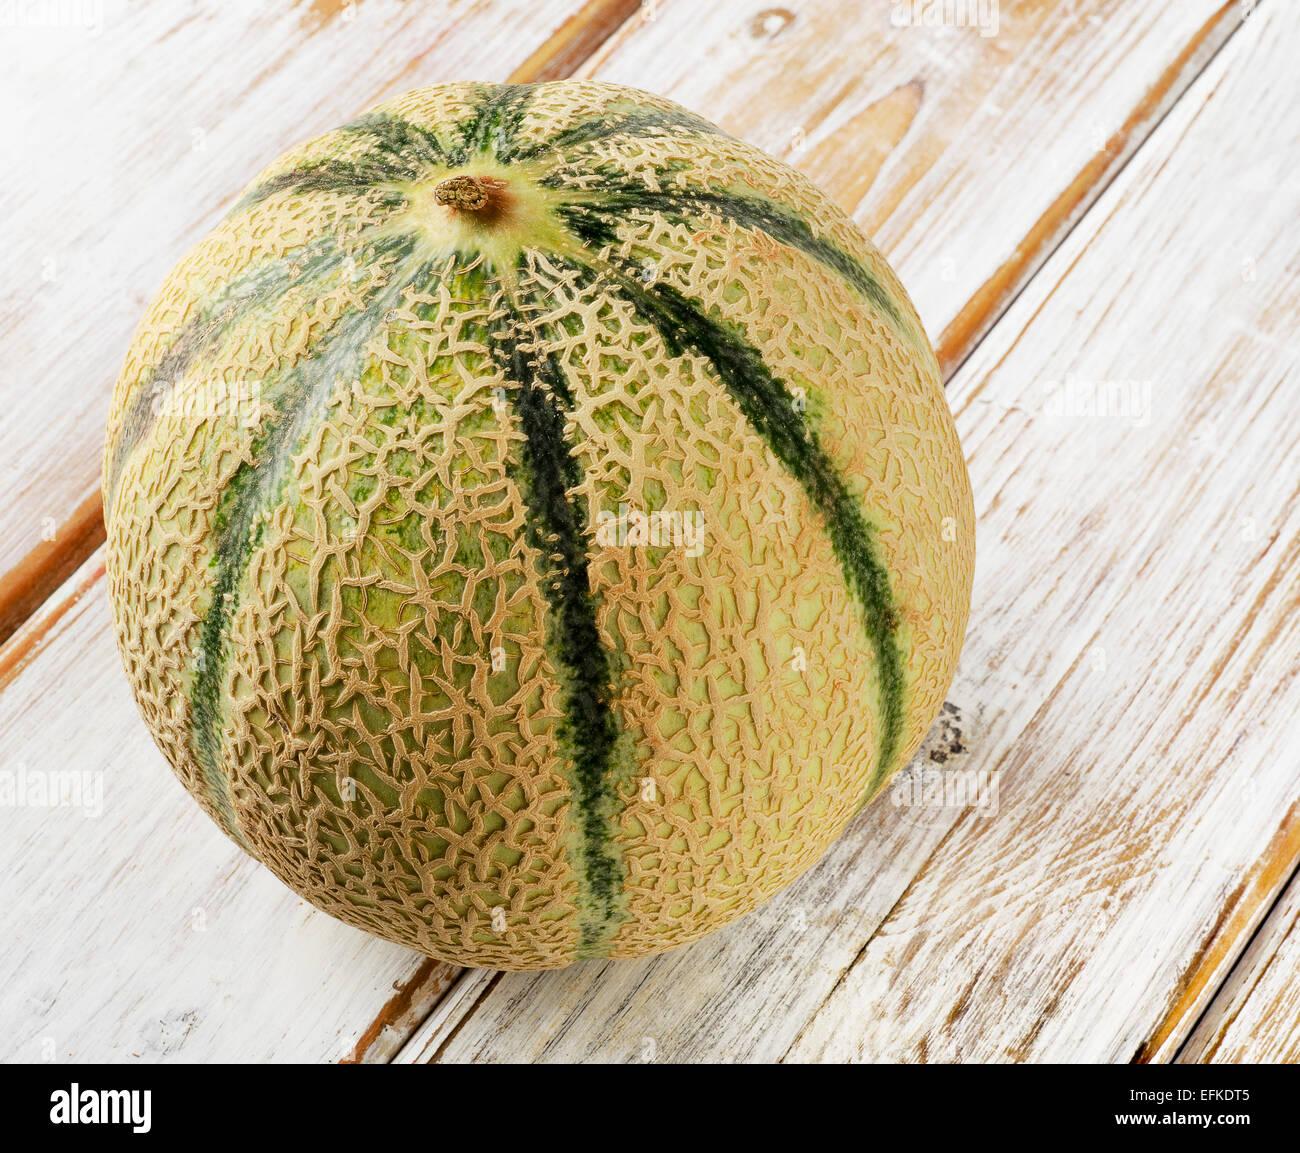 Melon entier sur un fond de bois. Selective focus Photo Stock